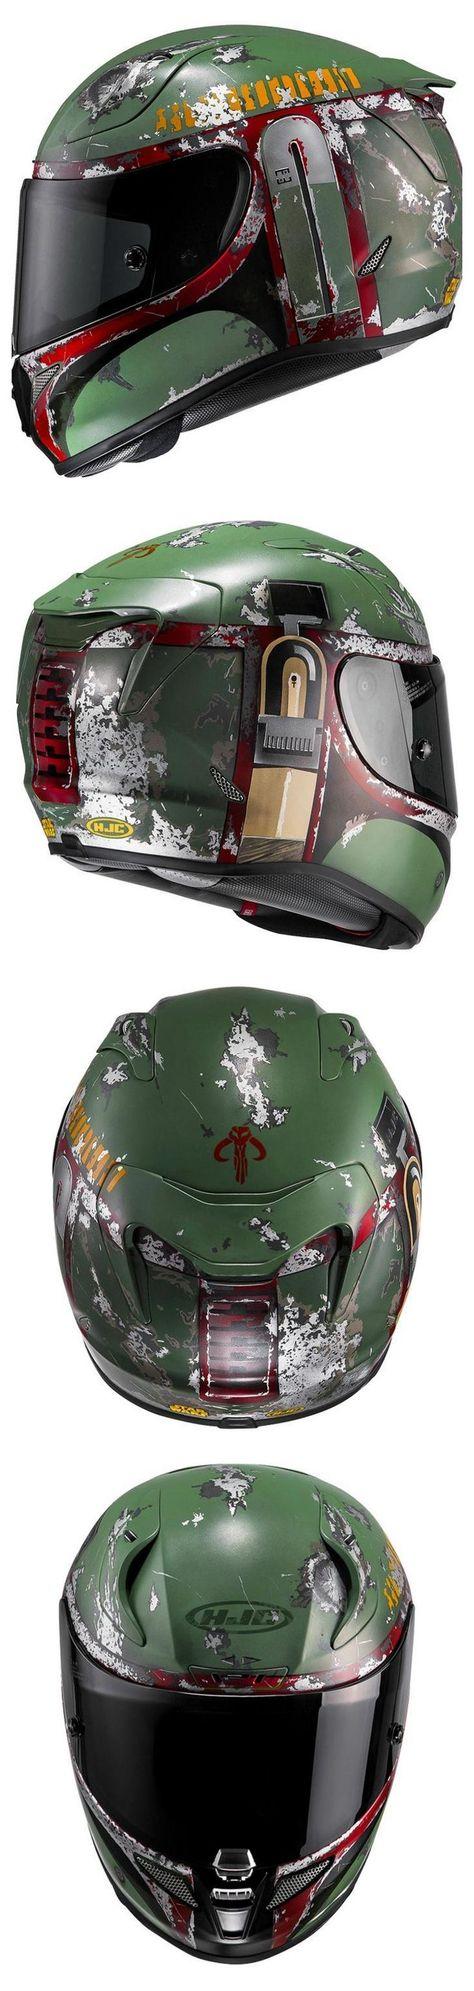 Motorcycle Helmet Vinyl Wrap : motorcycle, helmet, vinyl, Misc., Vinyl, Wraps, Ideas, Helmet, Design,, Motorcycle, Helmets,